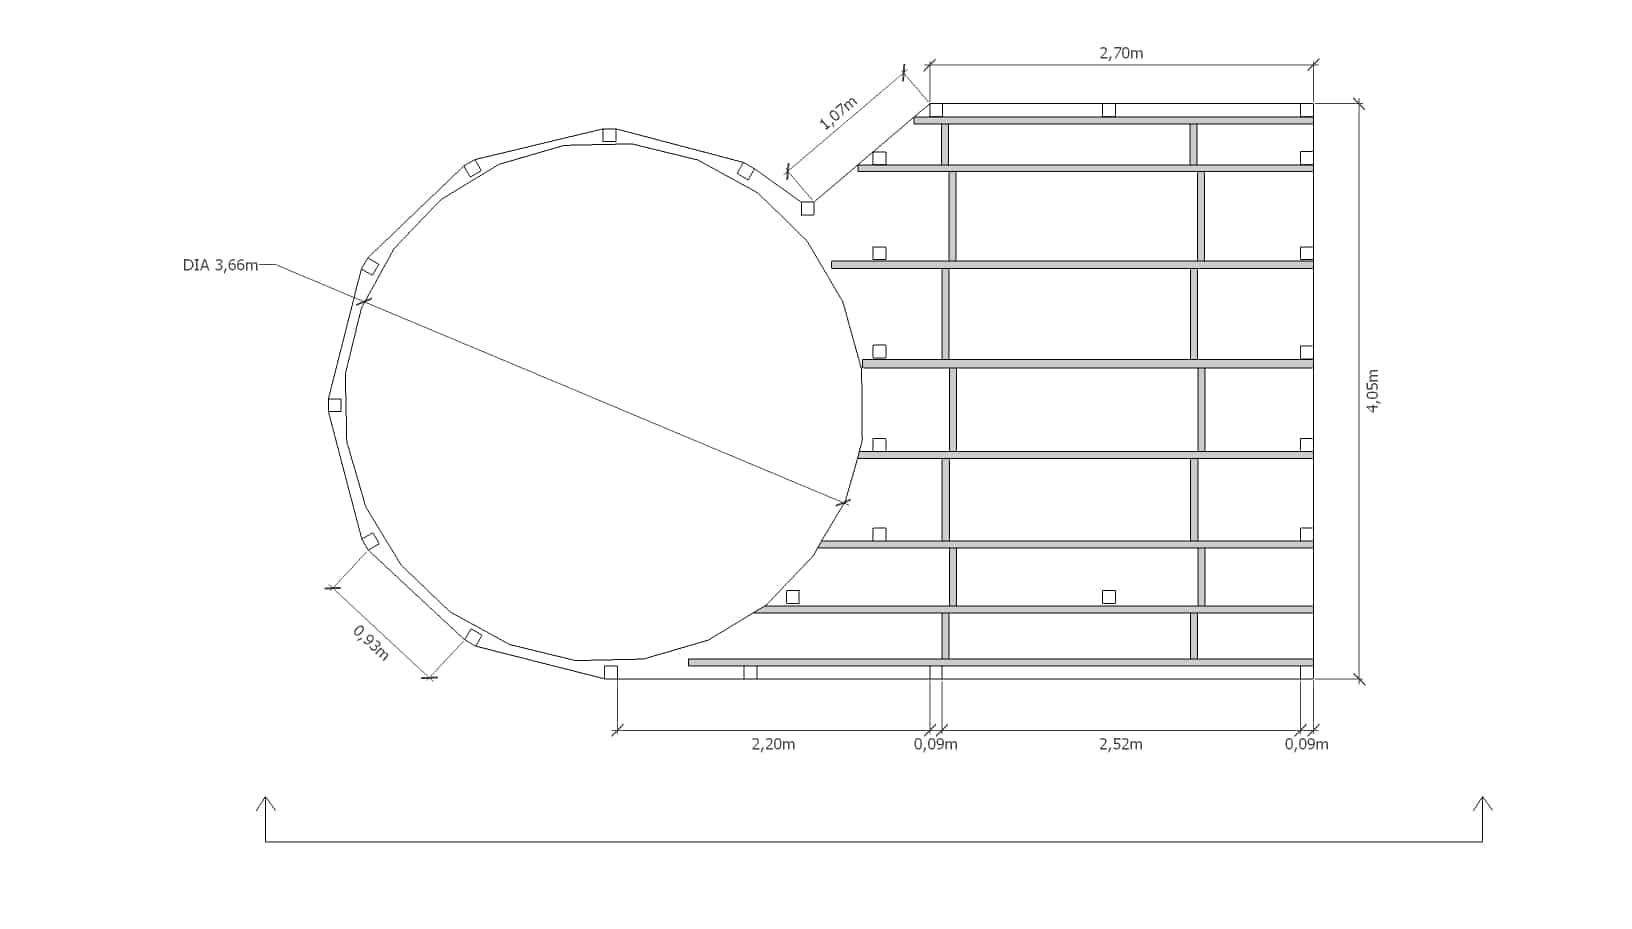 Tuto Déco: Aménager Une Terrasse Autour D'Une Piscine ... tout Plan De Coupe Piscine